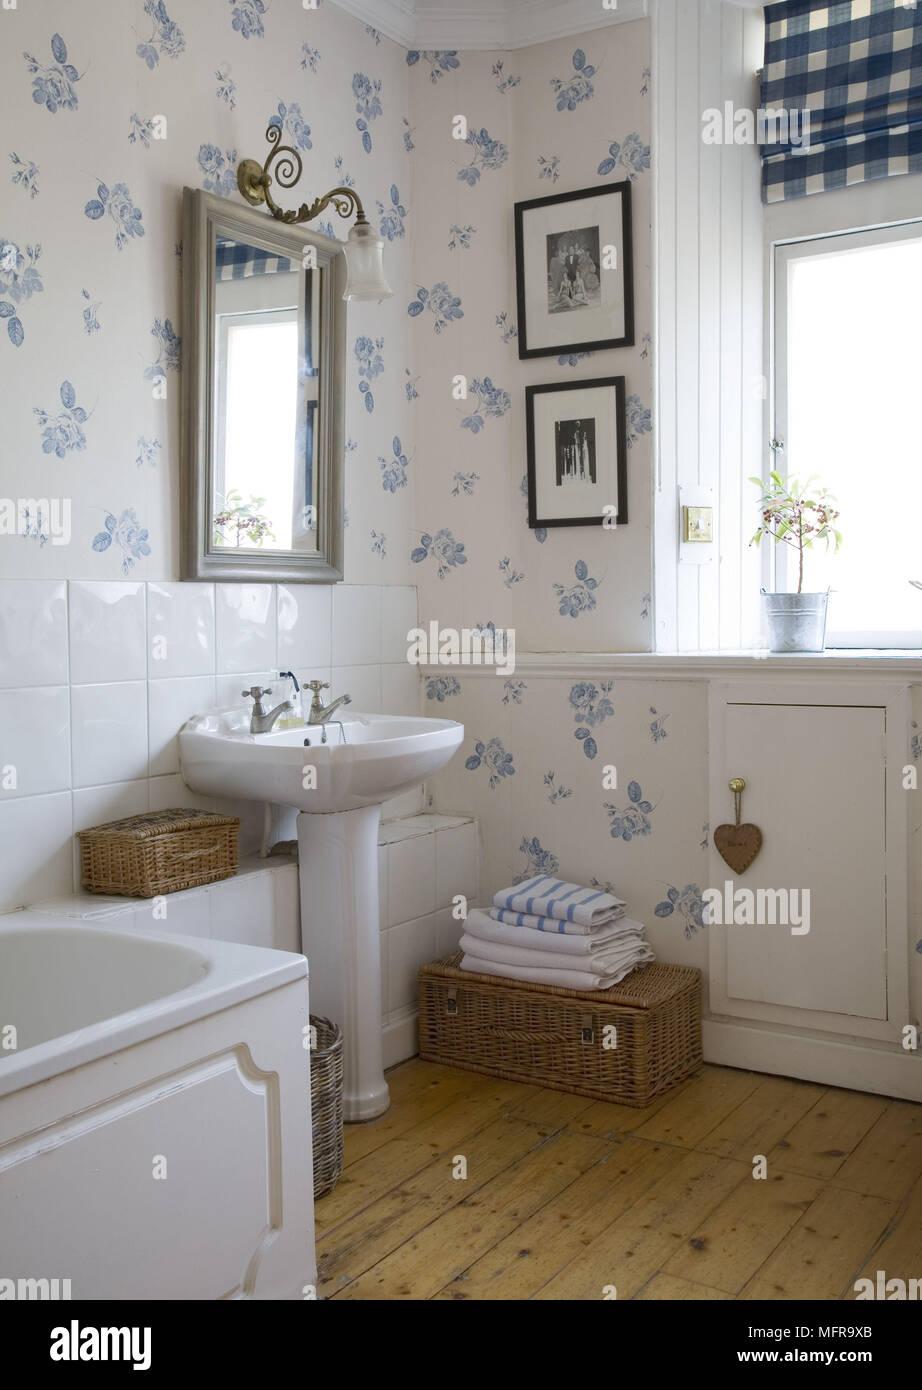 Spiegel über Sockel Waschbecken im traditionellen Stil Badezimmer ...